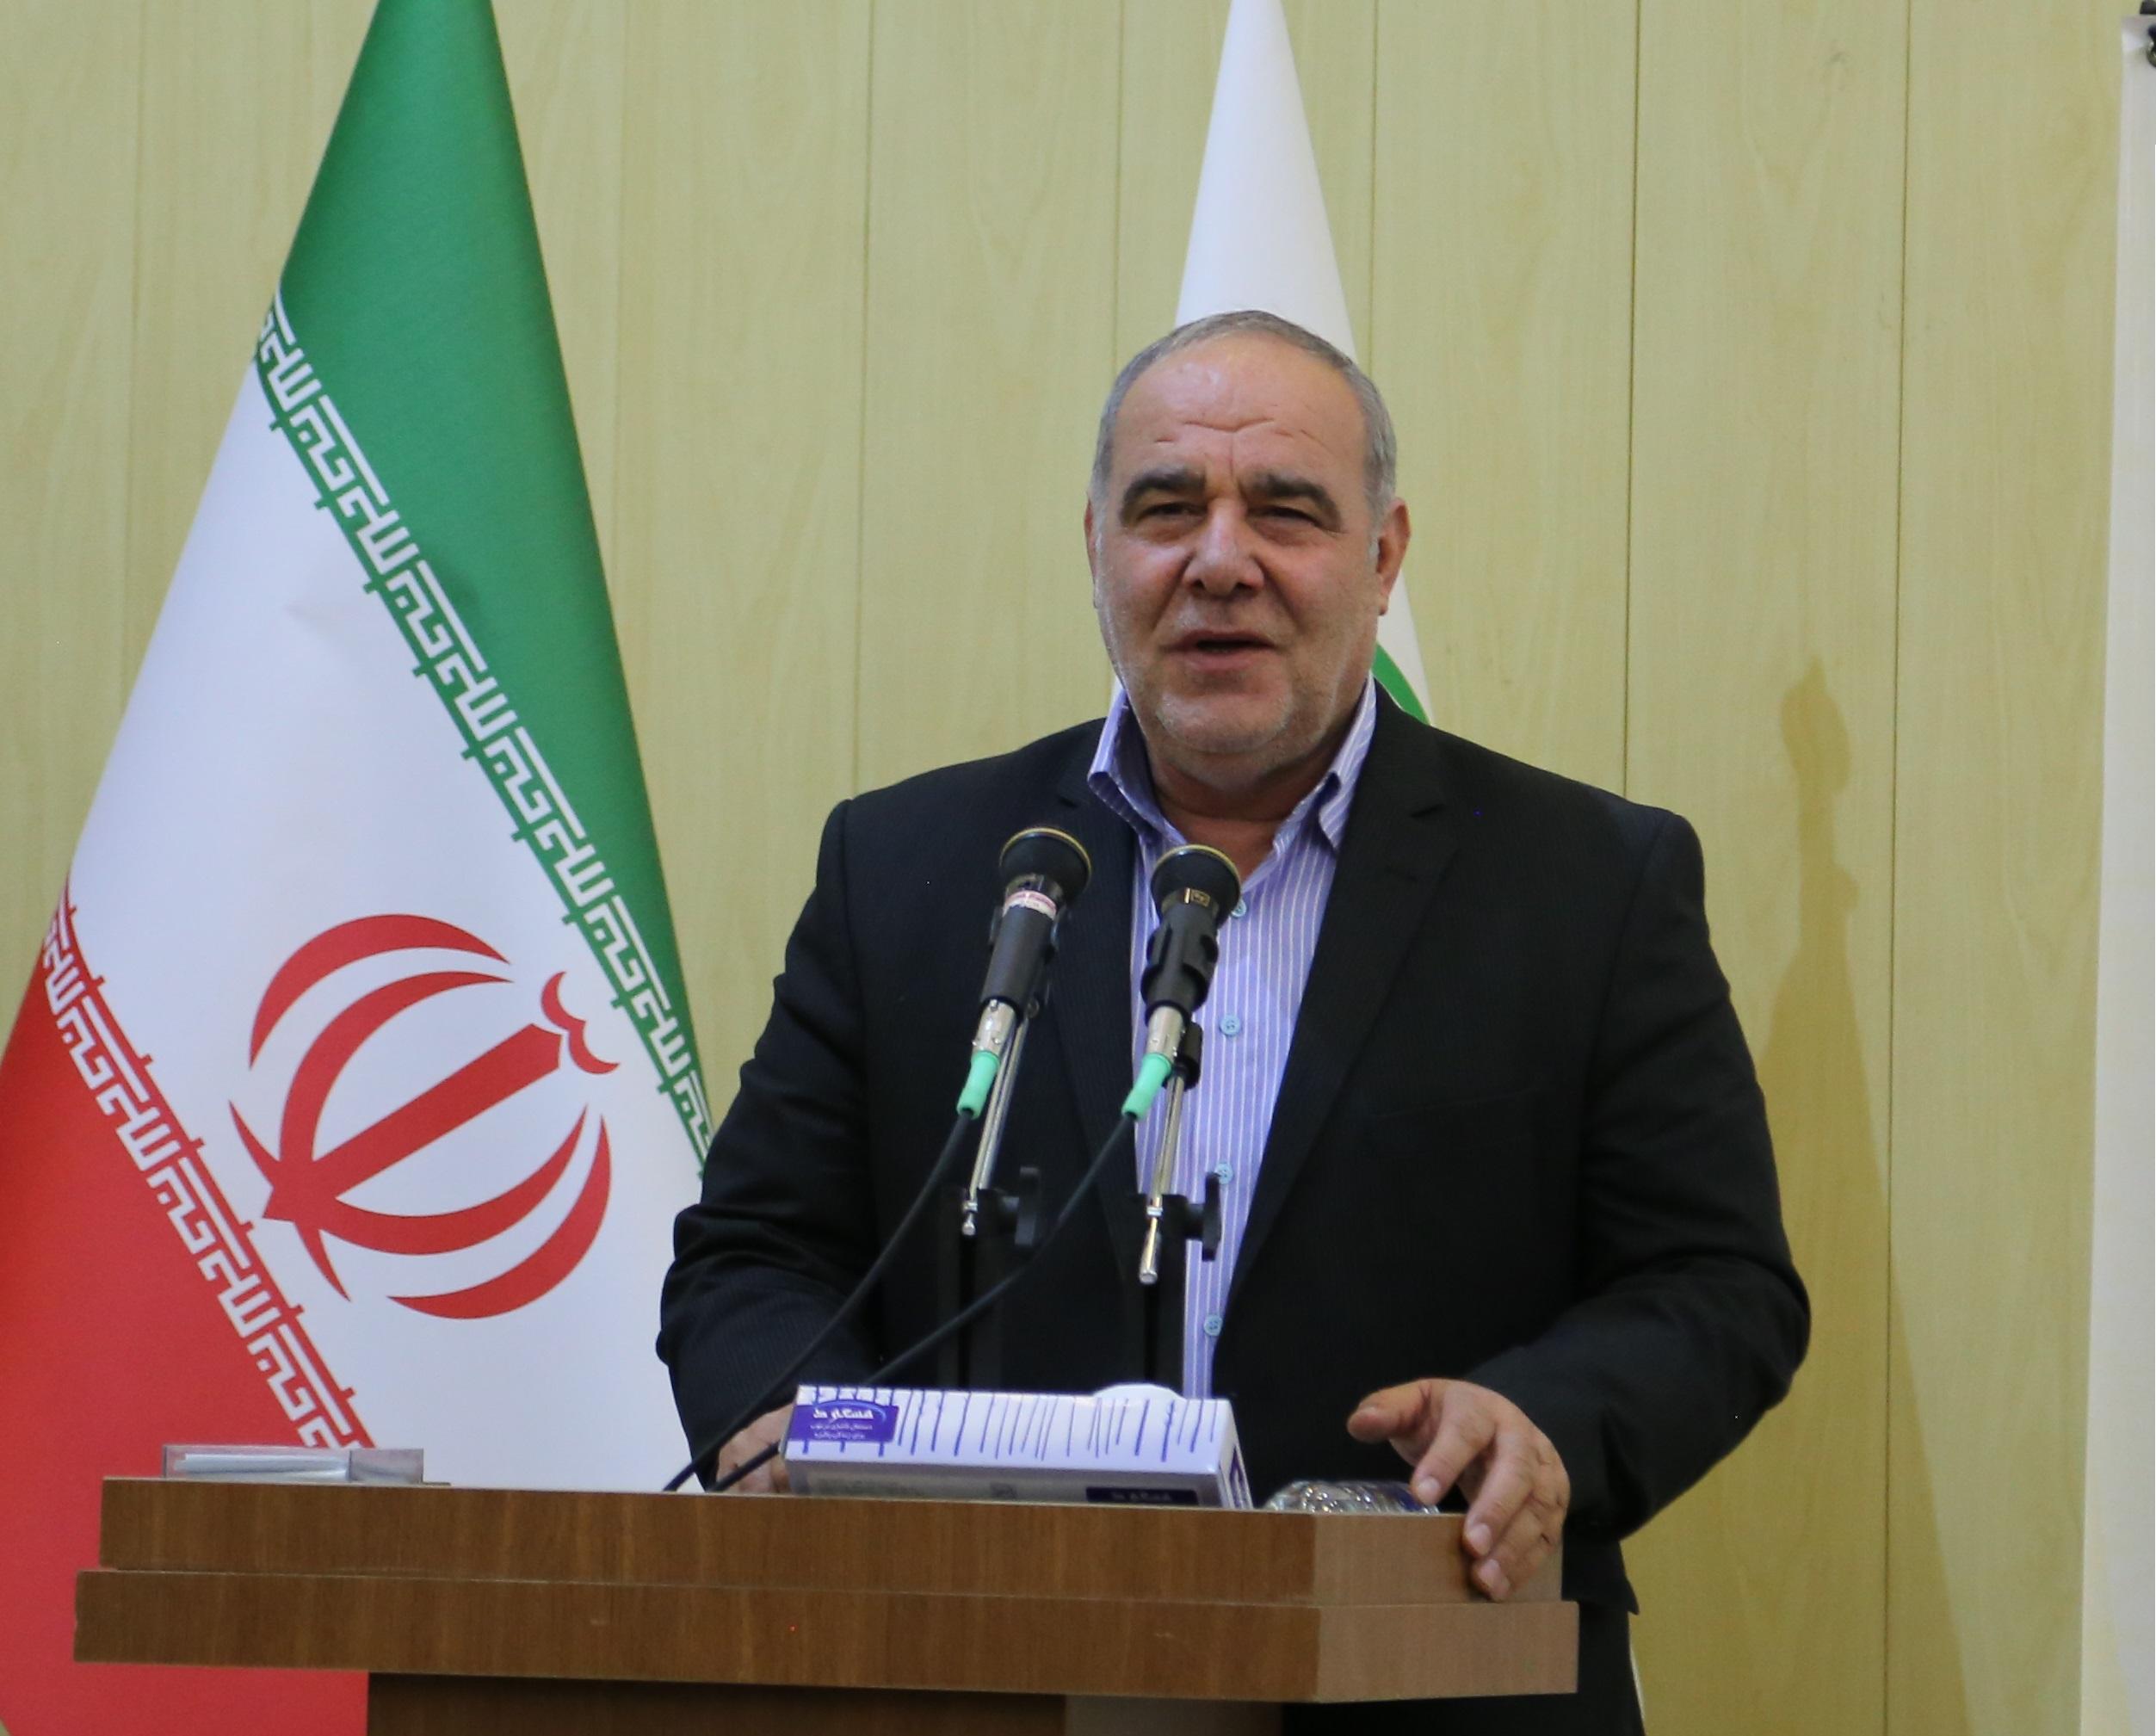 بدهی ۲۴ میلیارد تومانی دولت به تبریز از بابت جریمههای ترافیکی